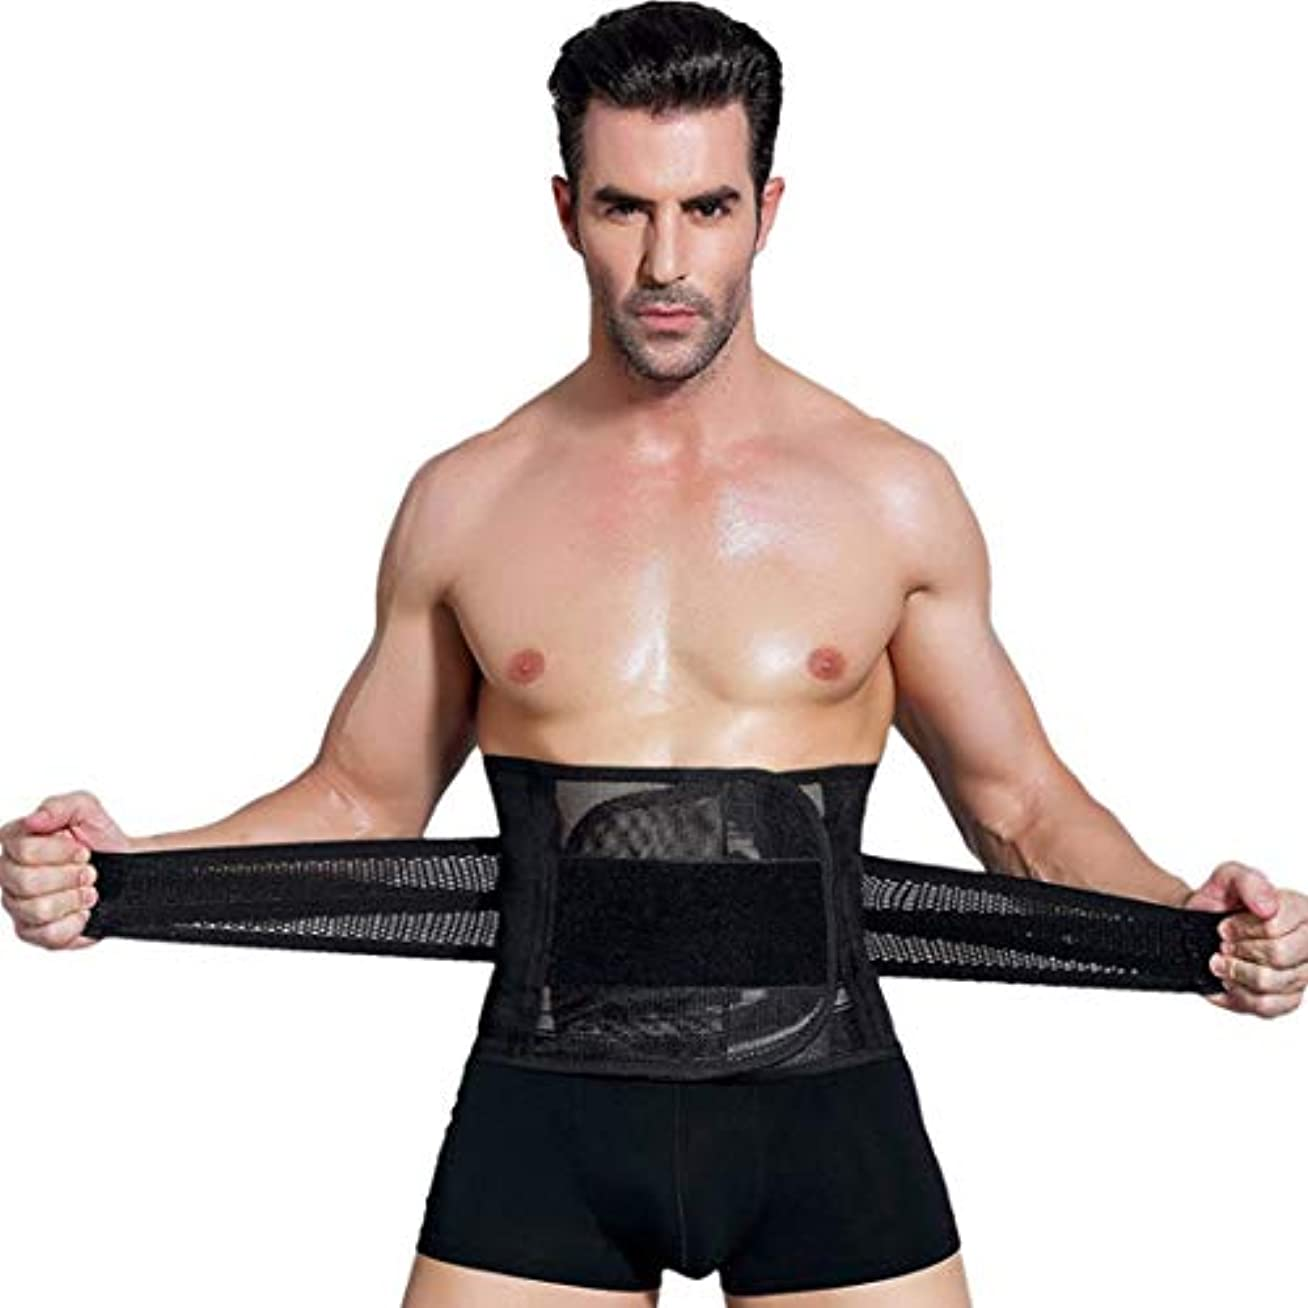 スピリチュアル立方体サイズ男性ボディシェイパーコルセット腹部おなかコントロールウエストトレーナーニッパー脂肪燃焼ガードル痩身腹ベルト用男性 - ブラックXXL